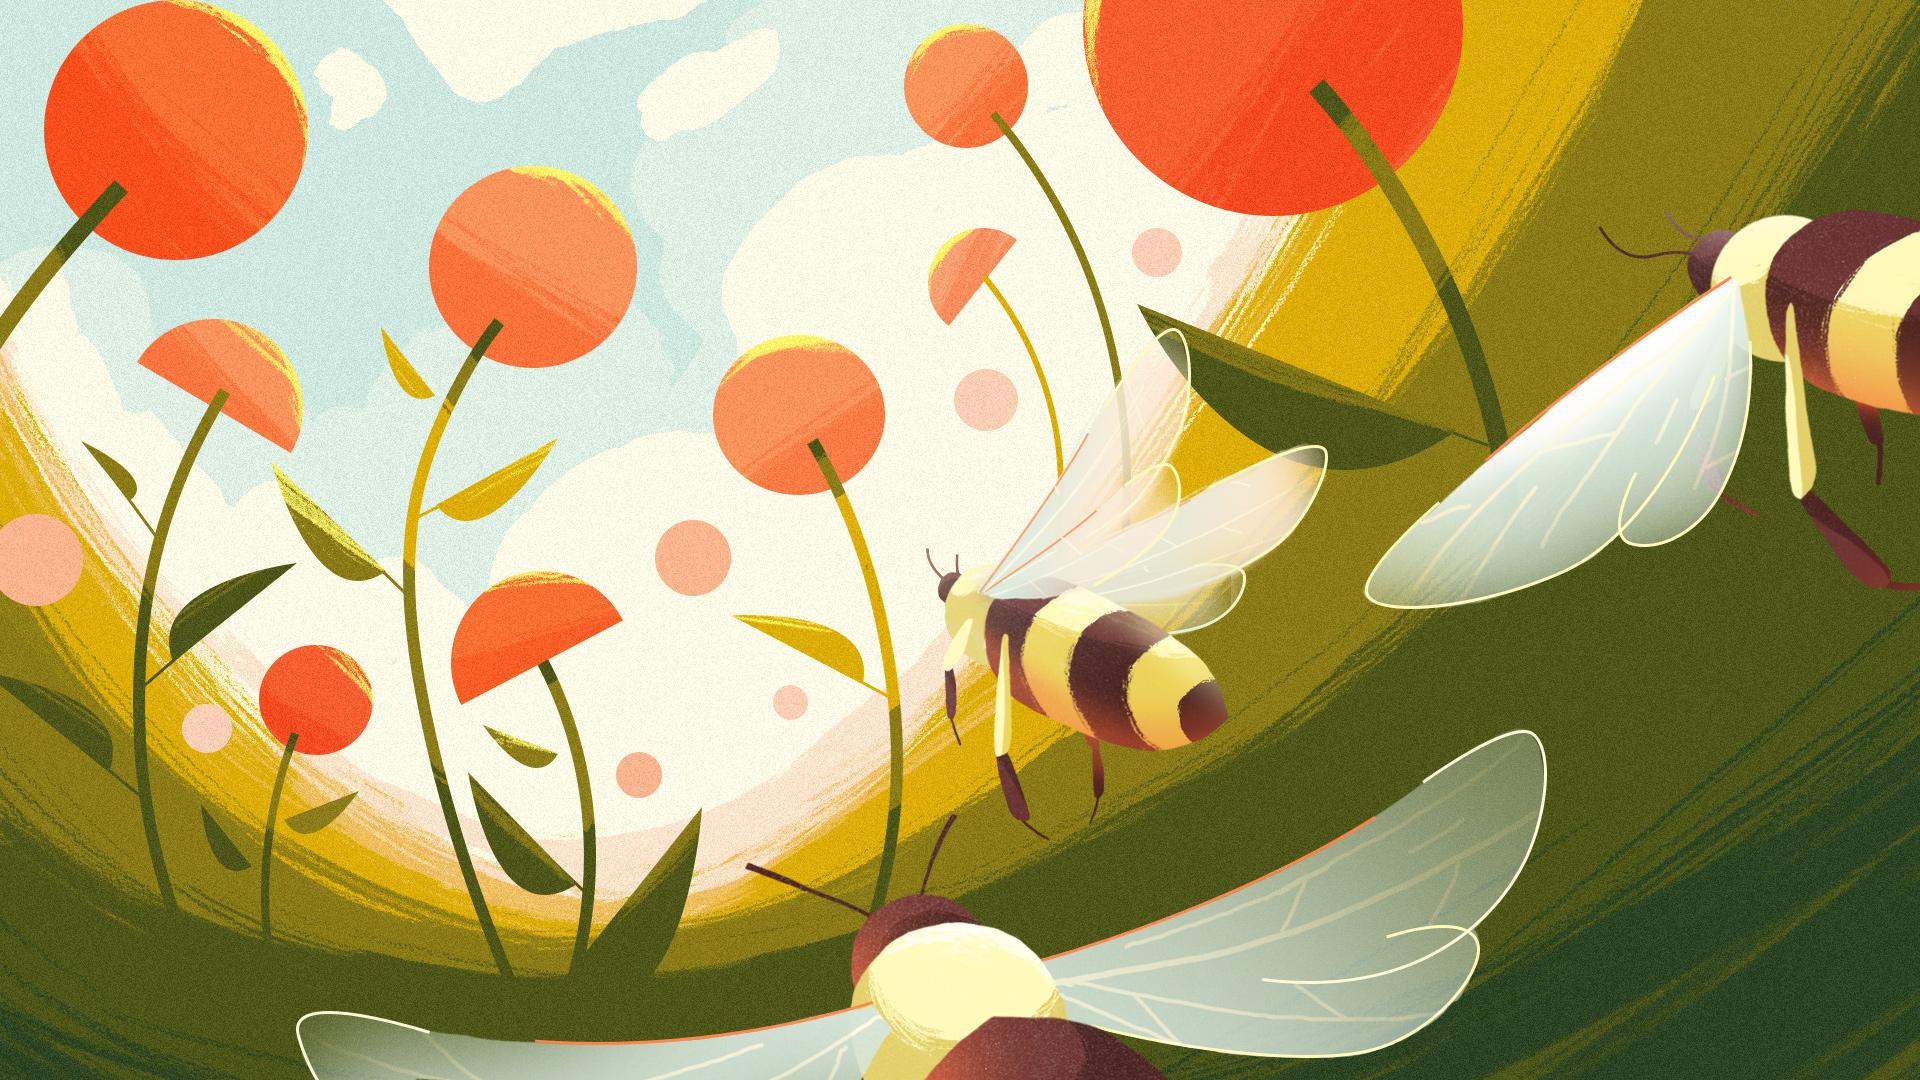 Bees_A_030419.jpg